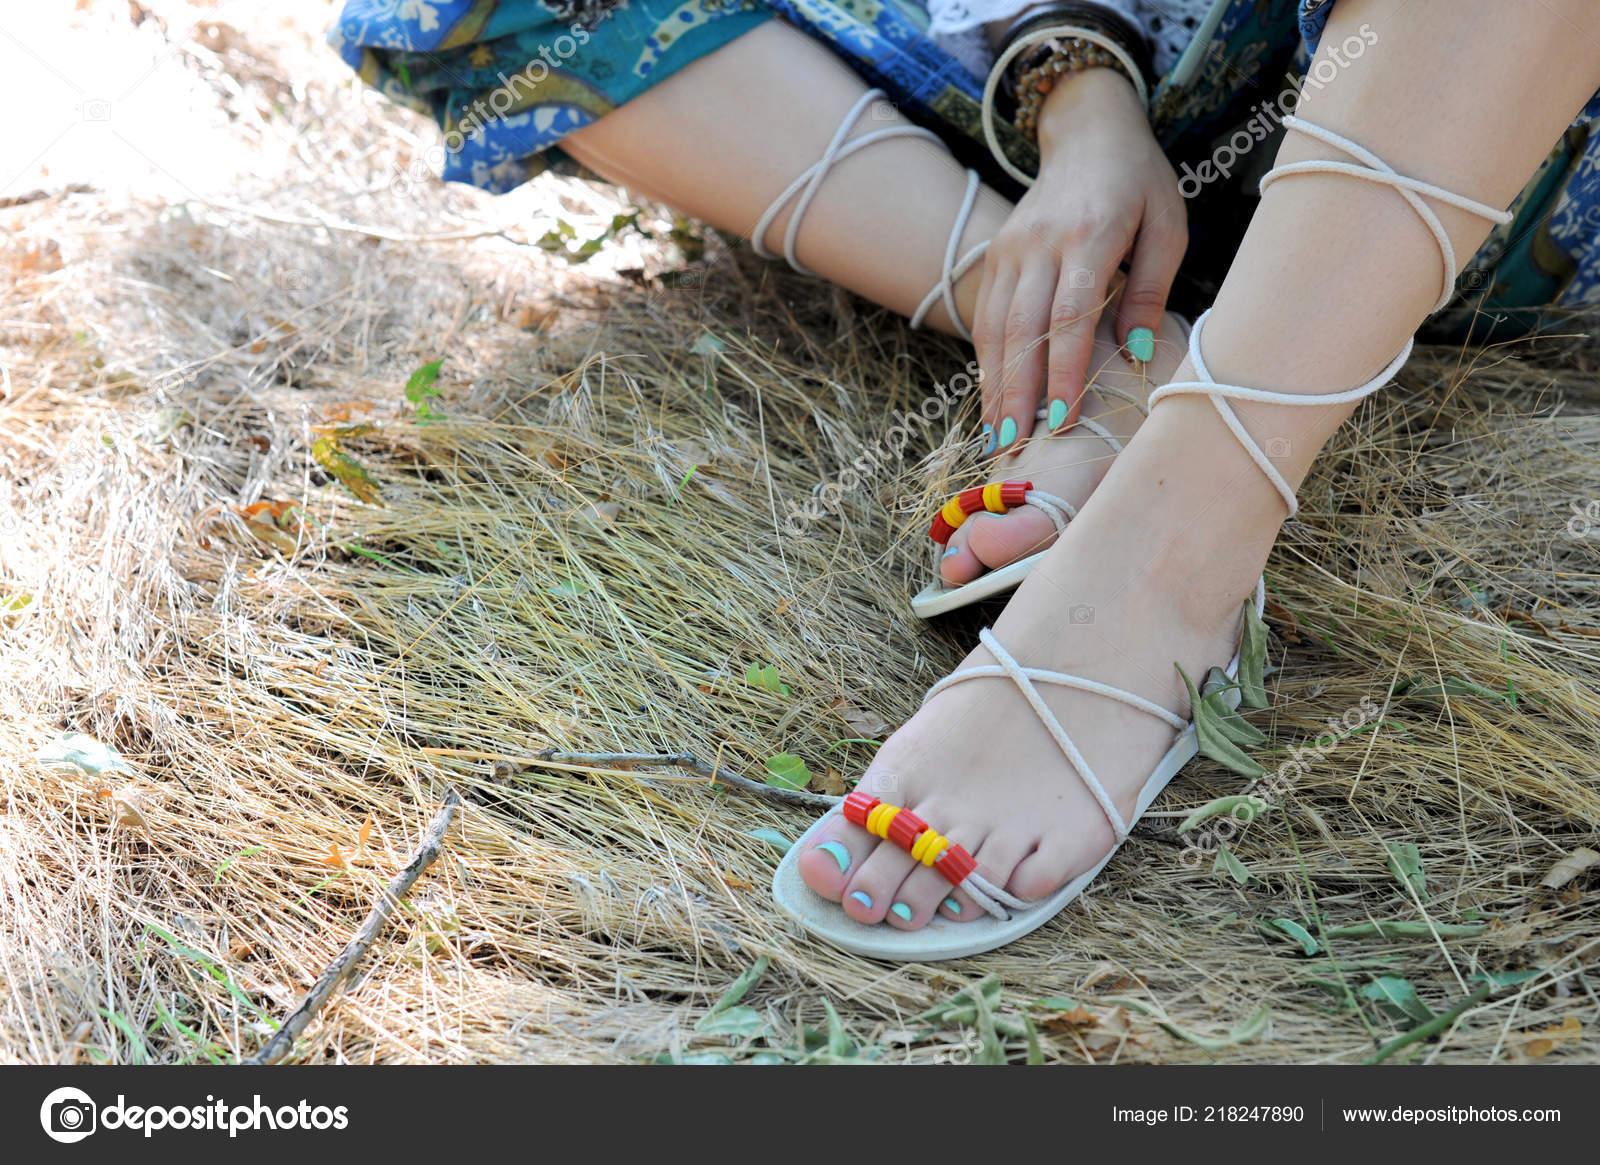 Sur Jambes Artisanales Femme Une Plan Gros Sandales Bleu Pédicure wm0PnyvN8O